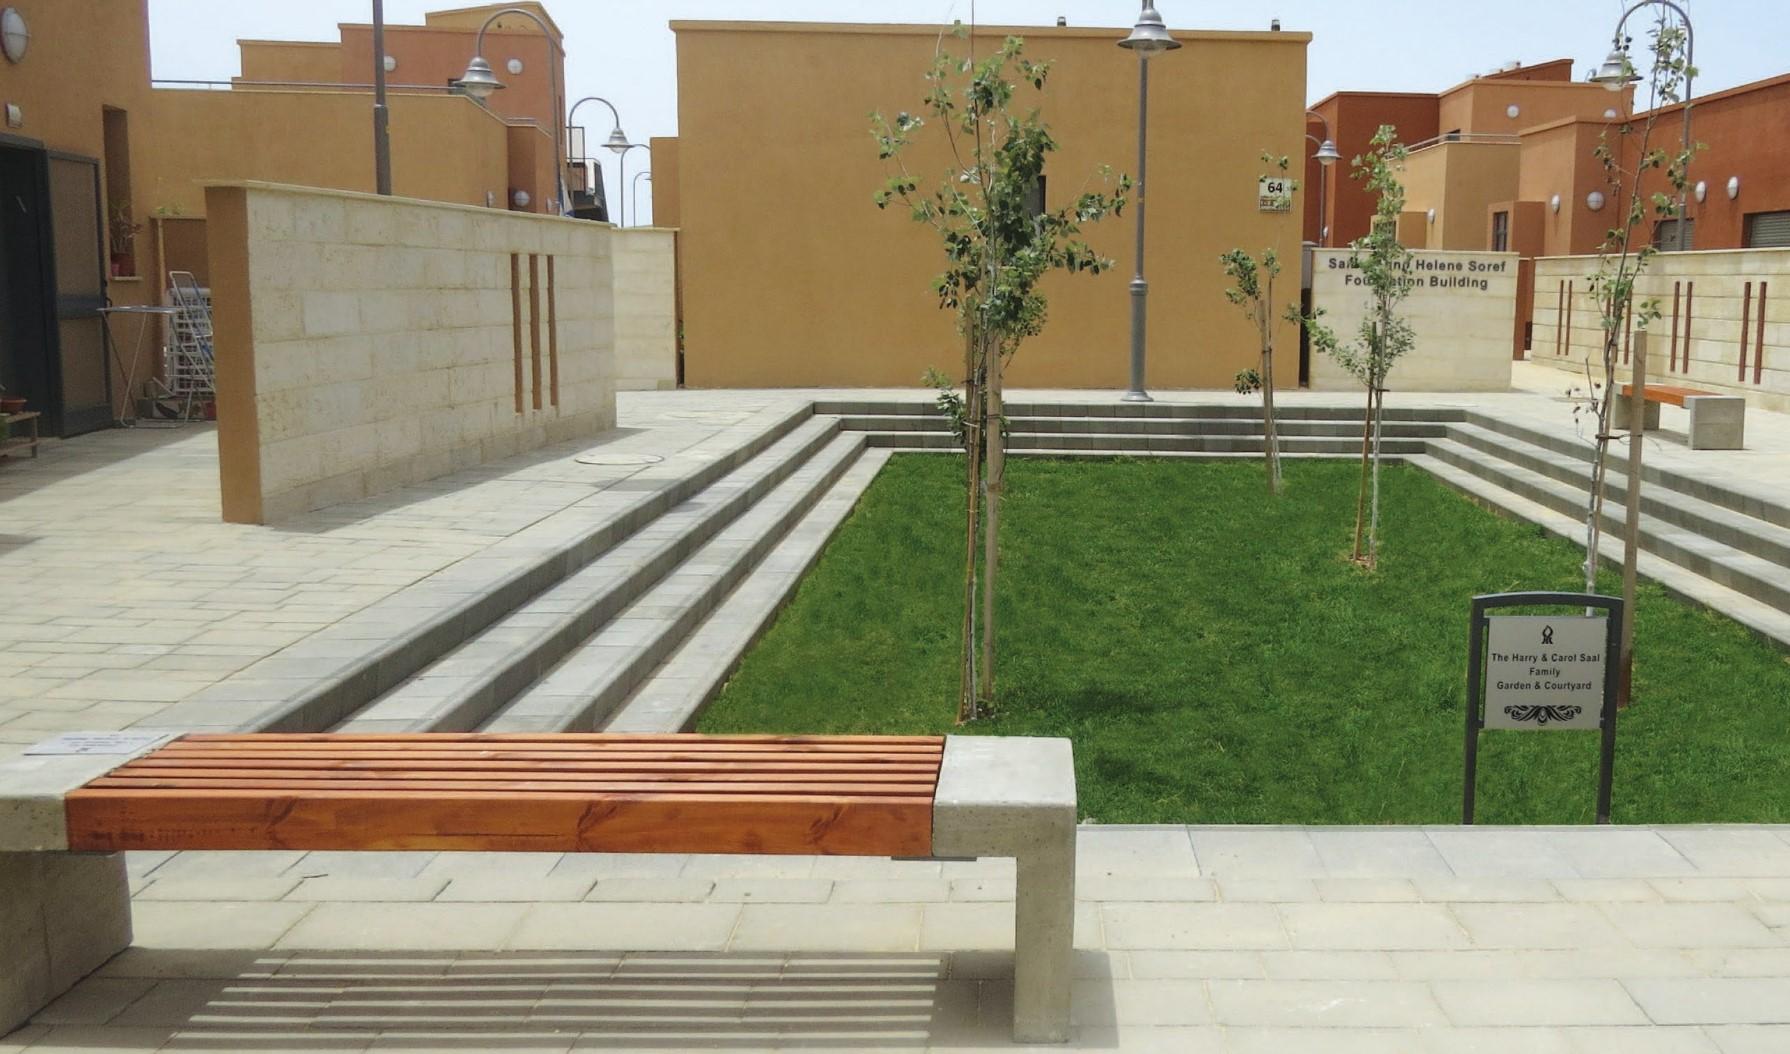 (צילום: עודד סמדר, באדיבות ליננברג רוזן אדריכלים. מעונות הסטודנטים  אוניברסיטת בן-גוריון בנגב)